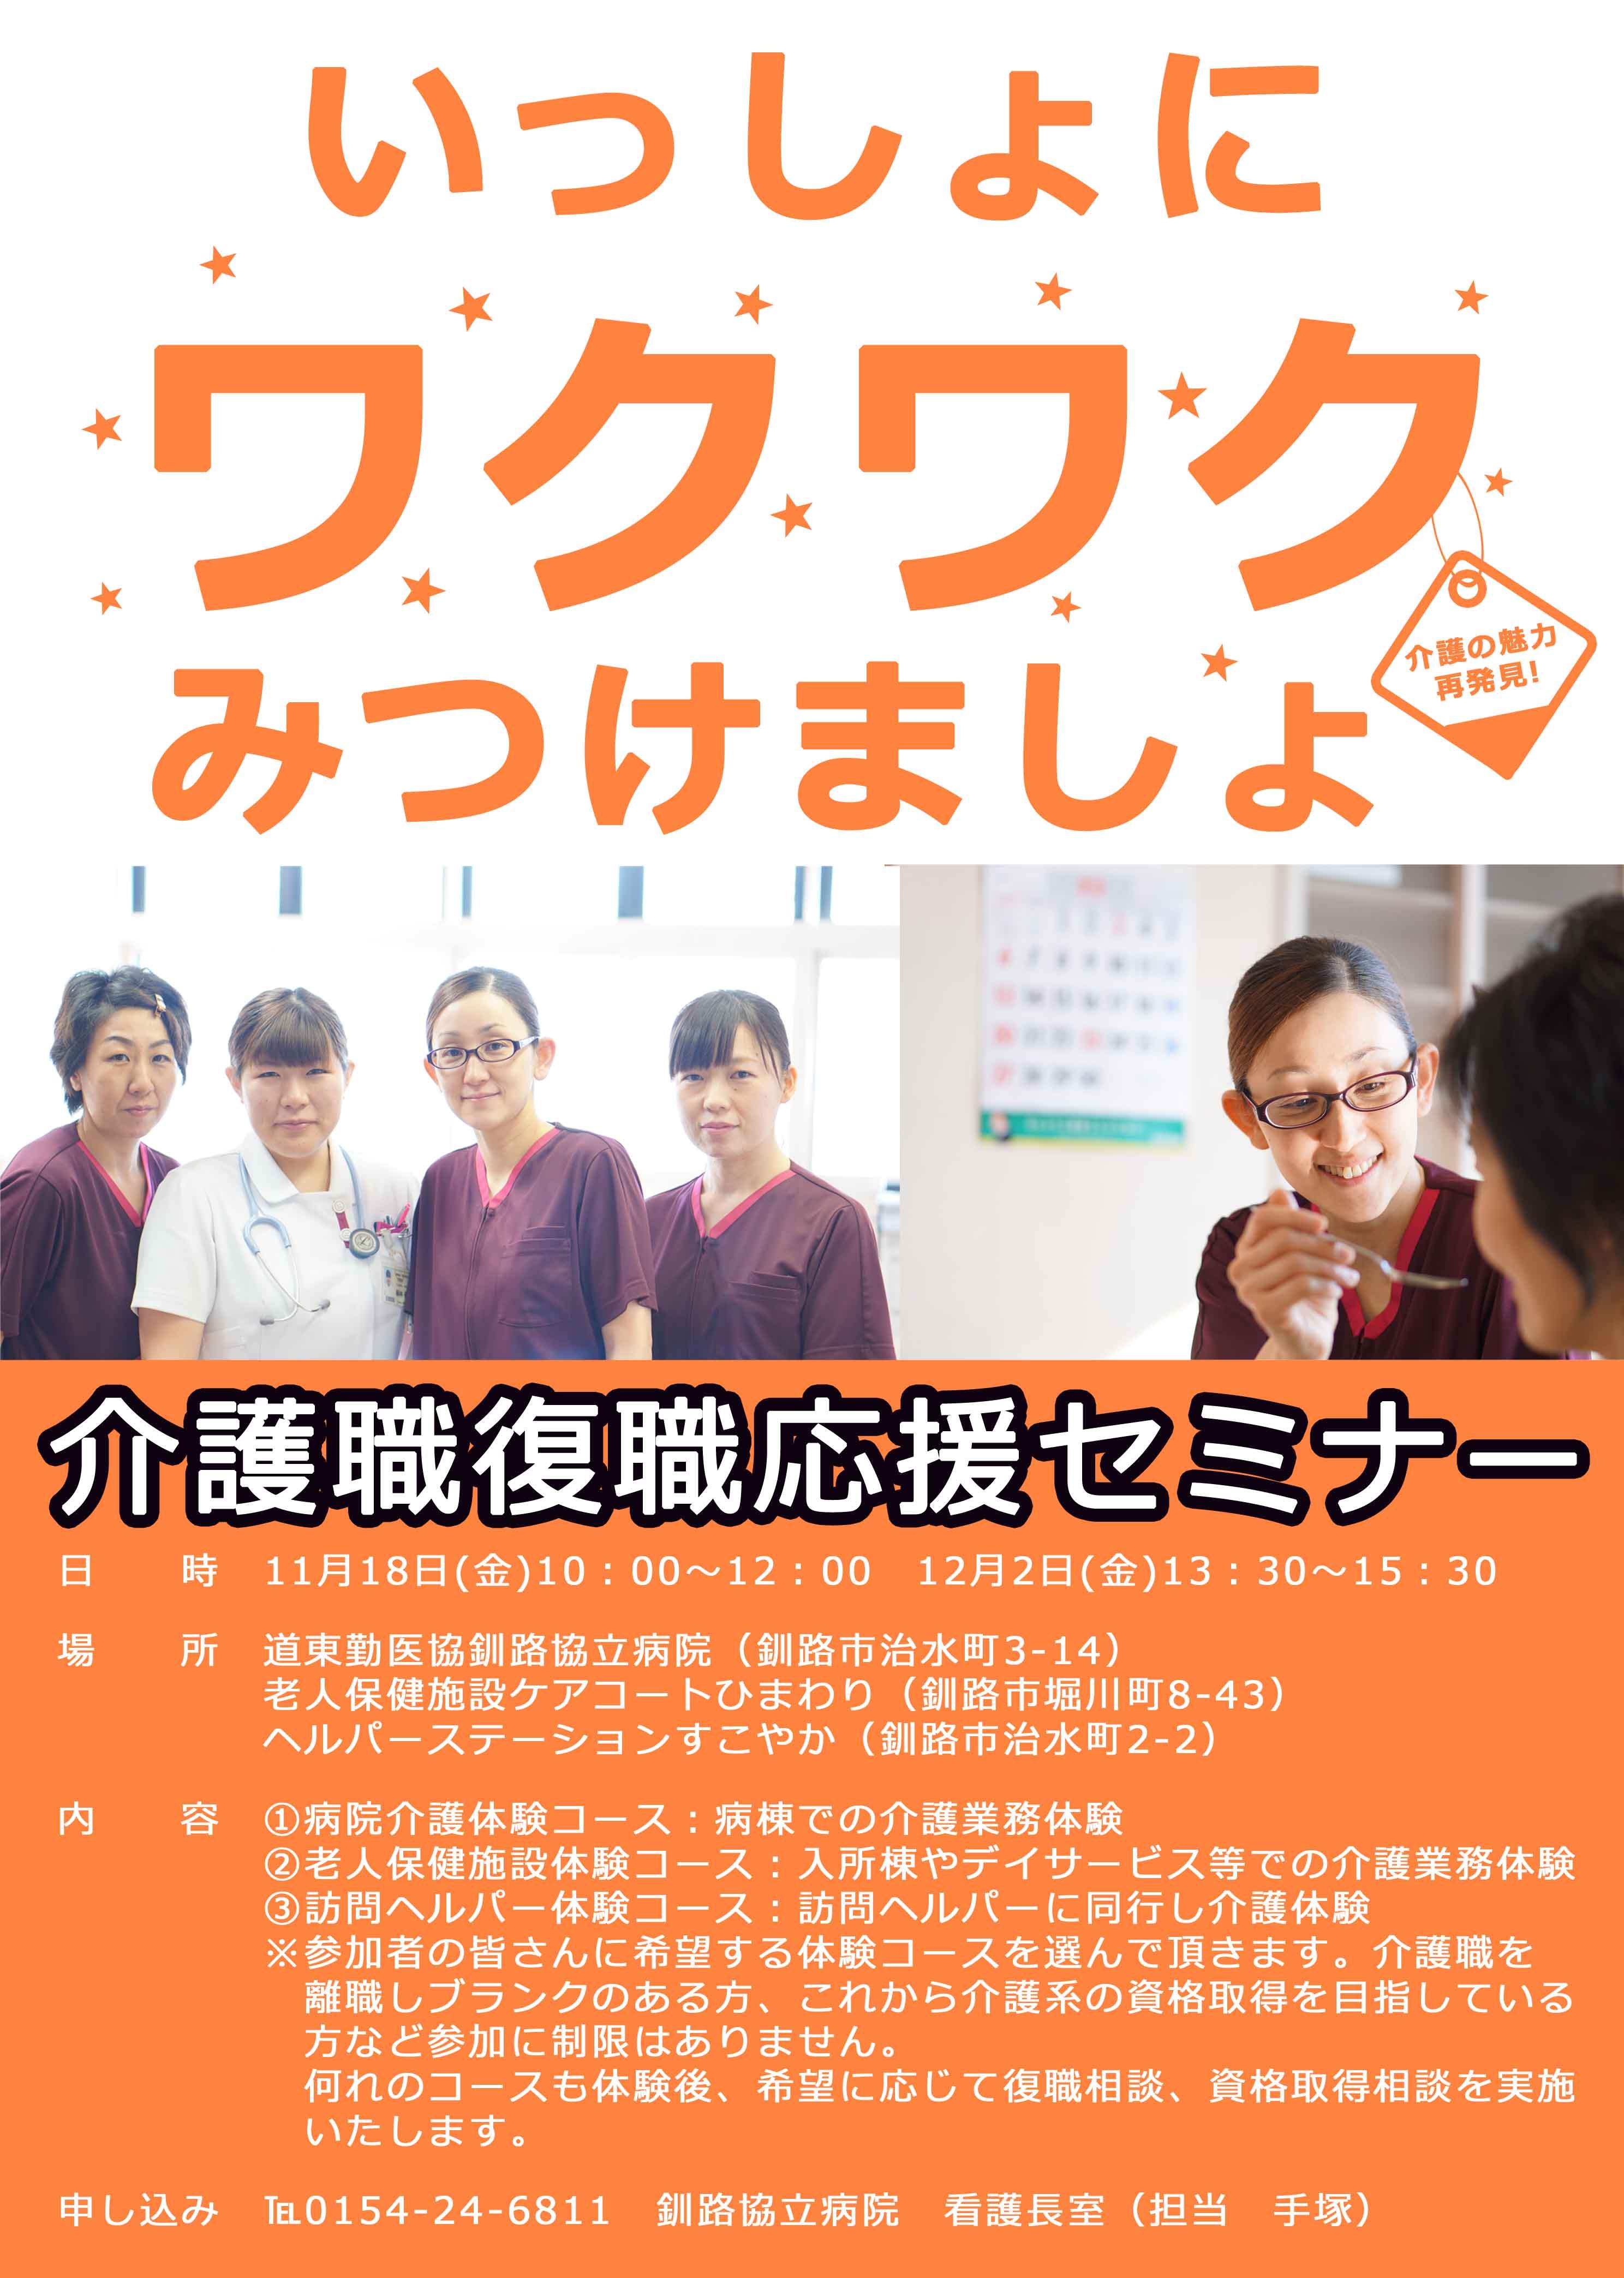 2016介護職復職応援セミナー